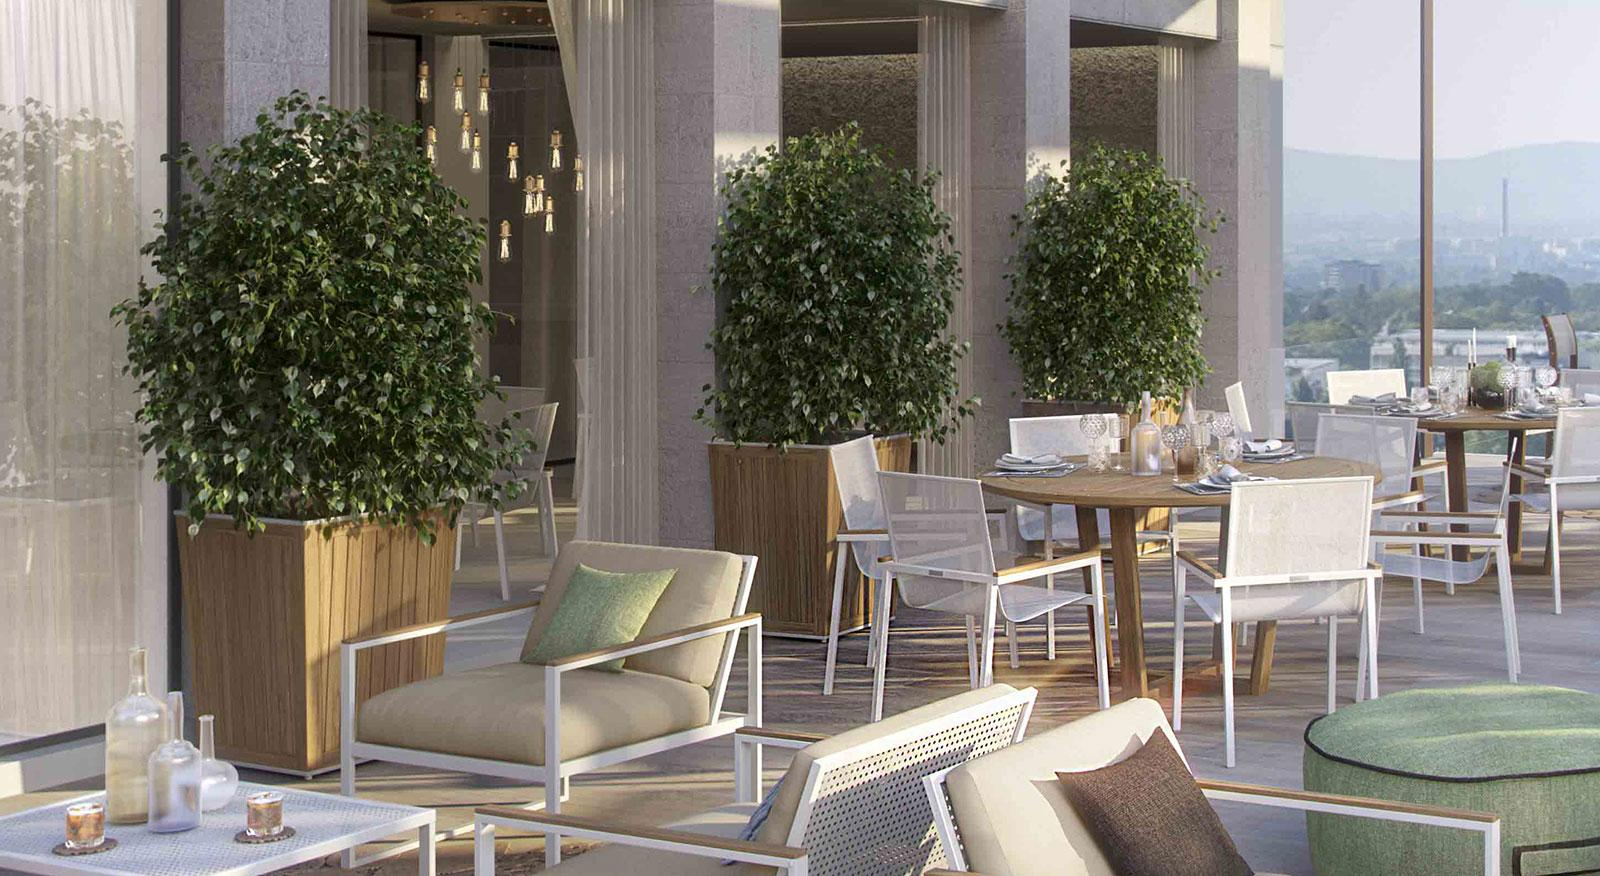 Jardiniere Bois Haute : jardini?re bois balcon d?hiver d?int?rieur appartement balcon